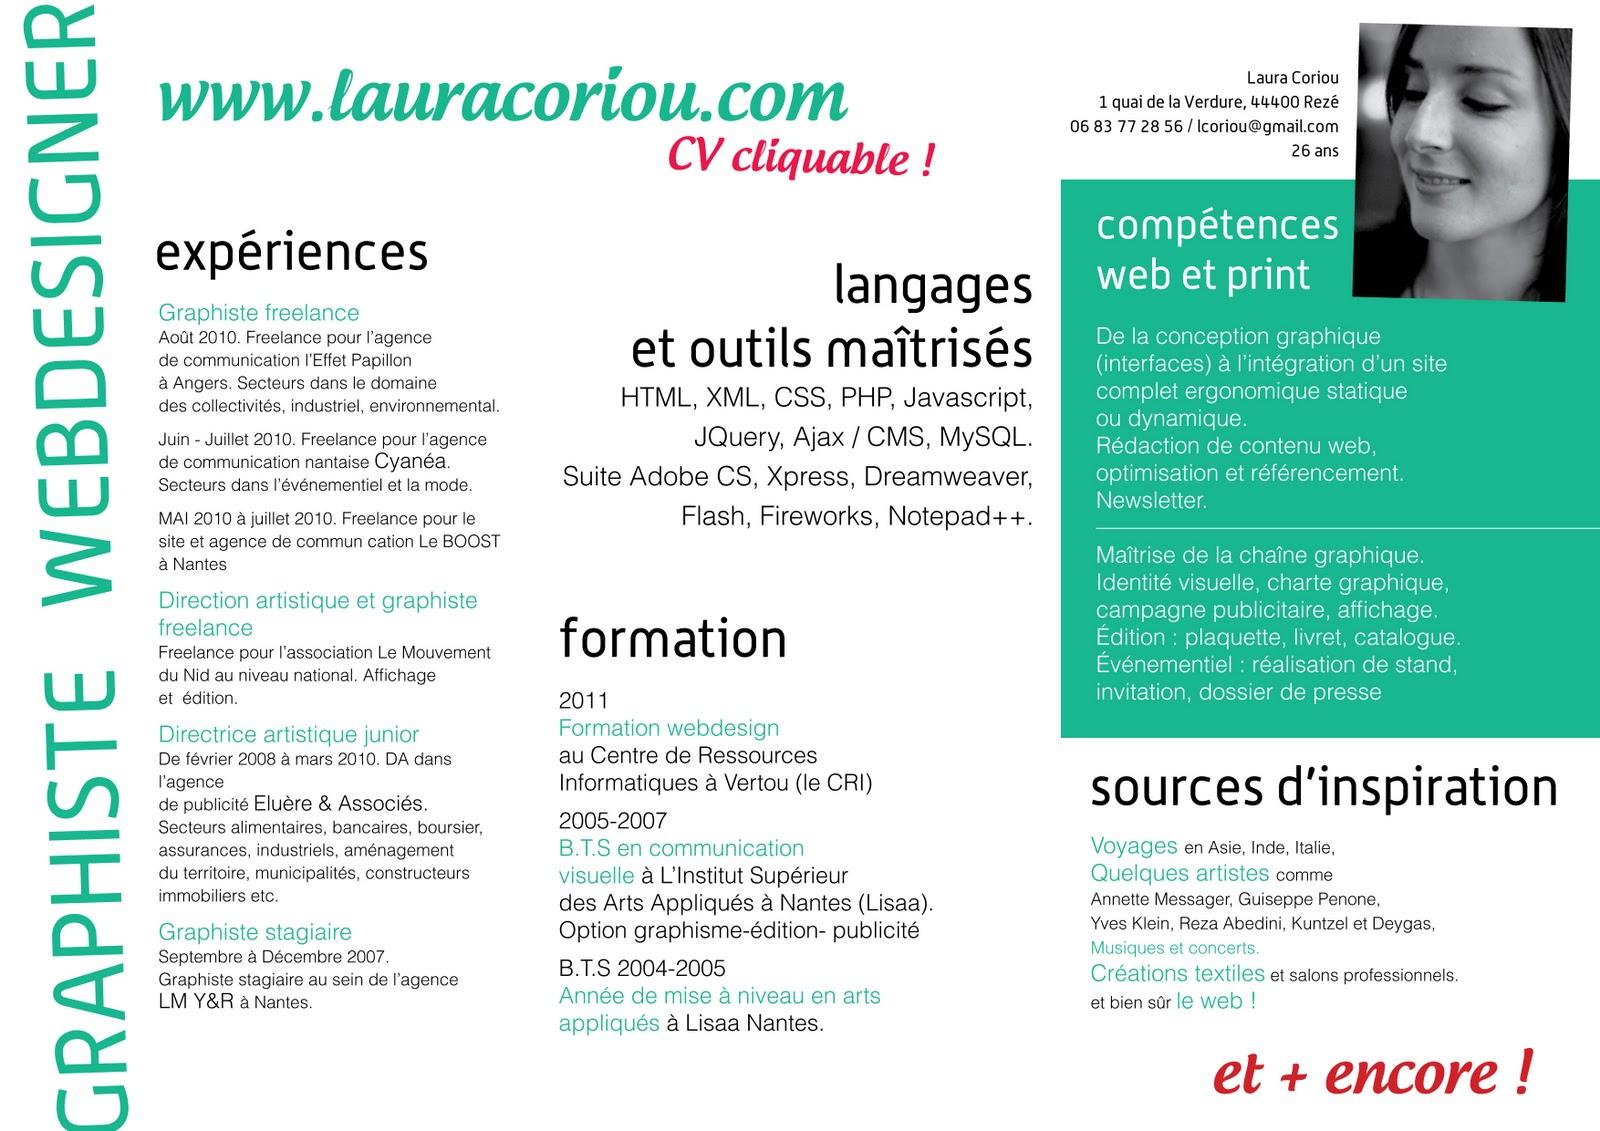 cv graphiste competences